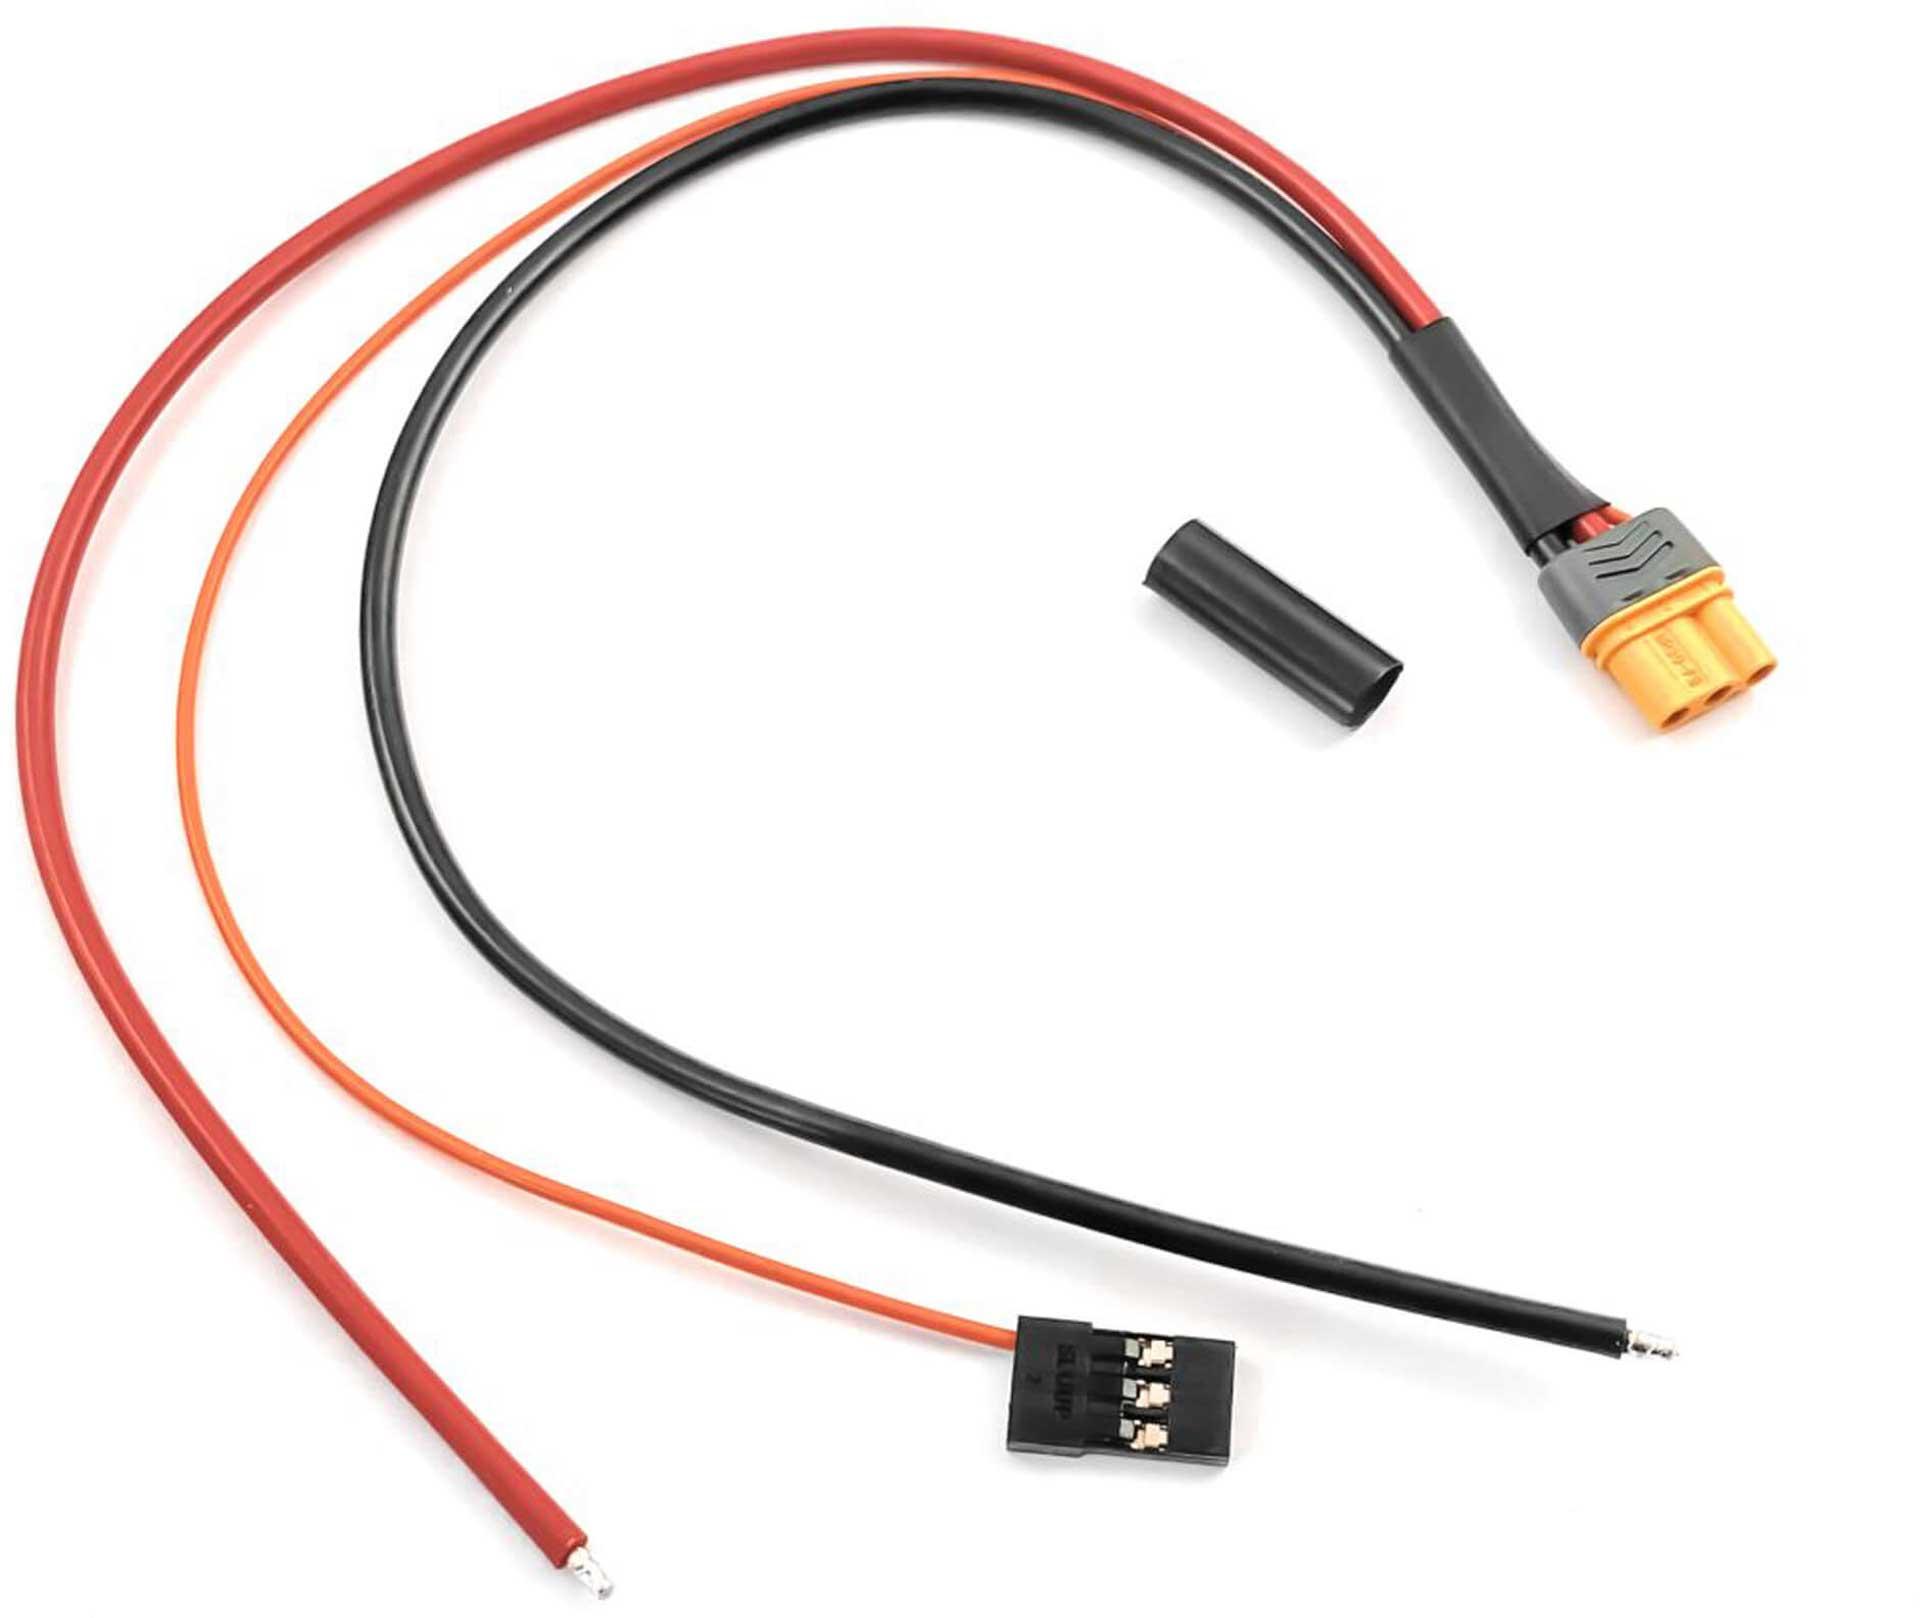 Hepf Kabel 1mm² 250mm mit MR30 female passend zu SE6 Servoexpander